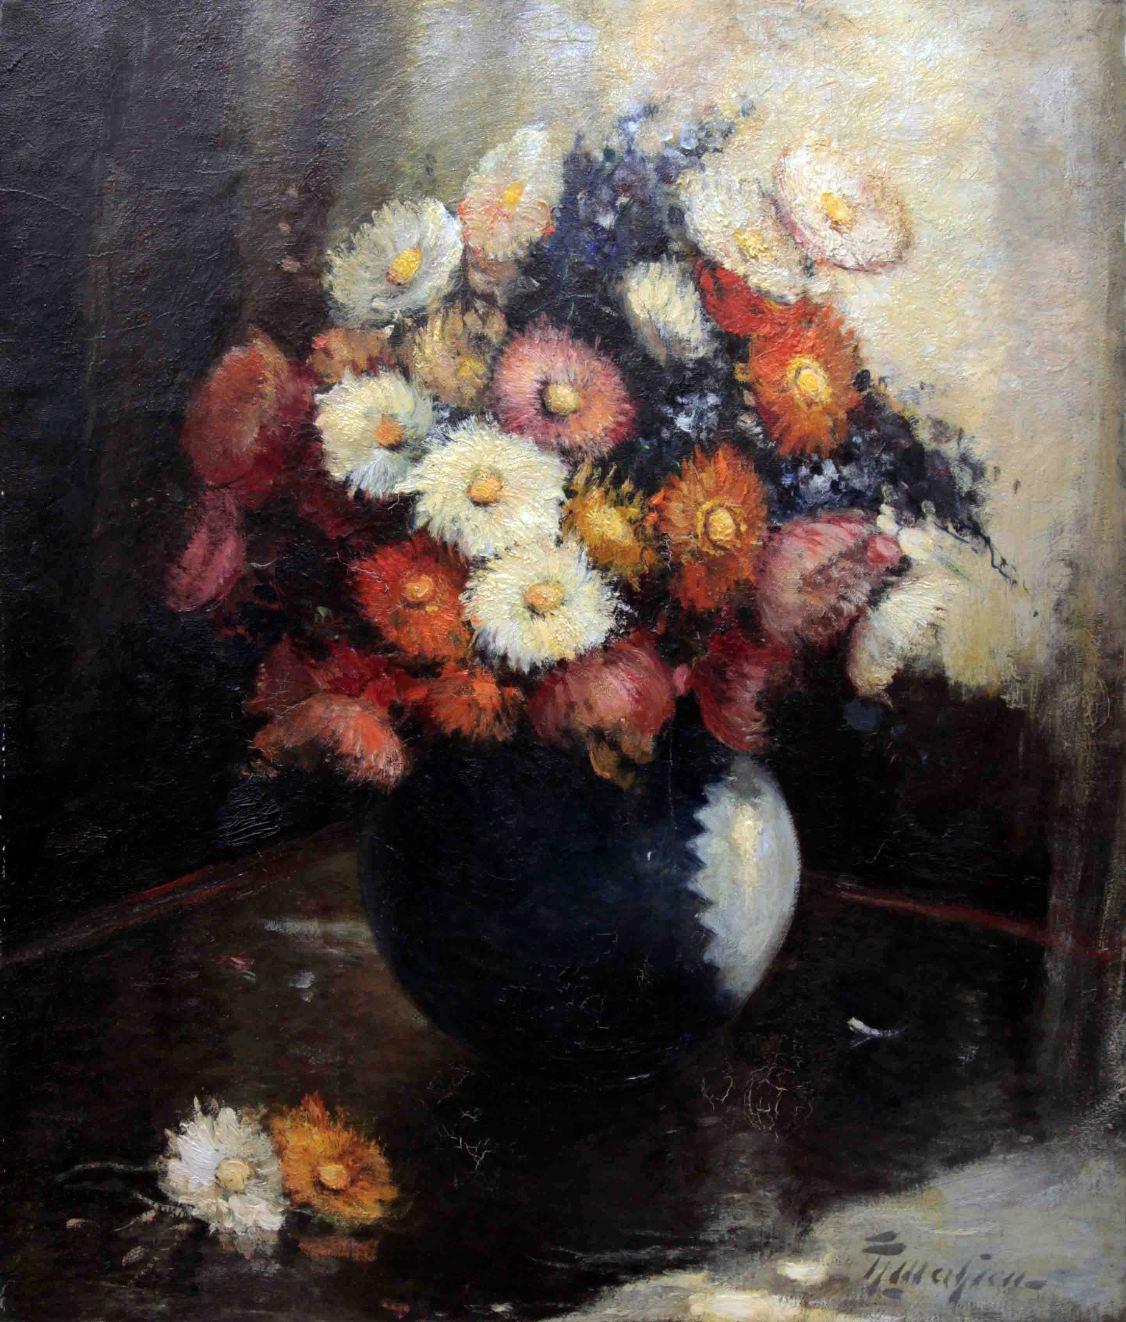 Старинный натюрморт ваза с хризантемами. Западная Европа, начало 20 века.